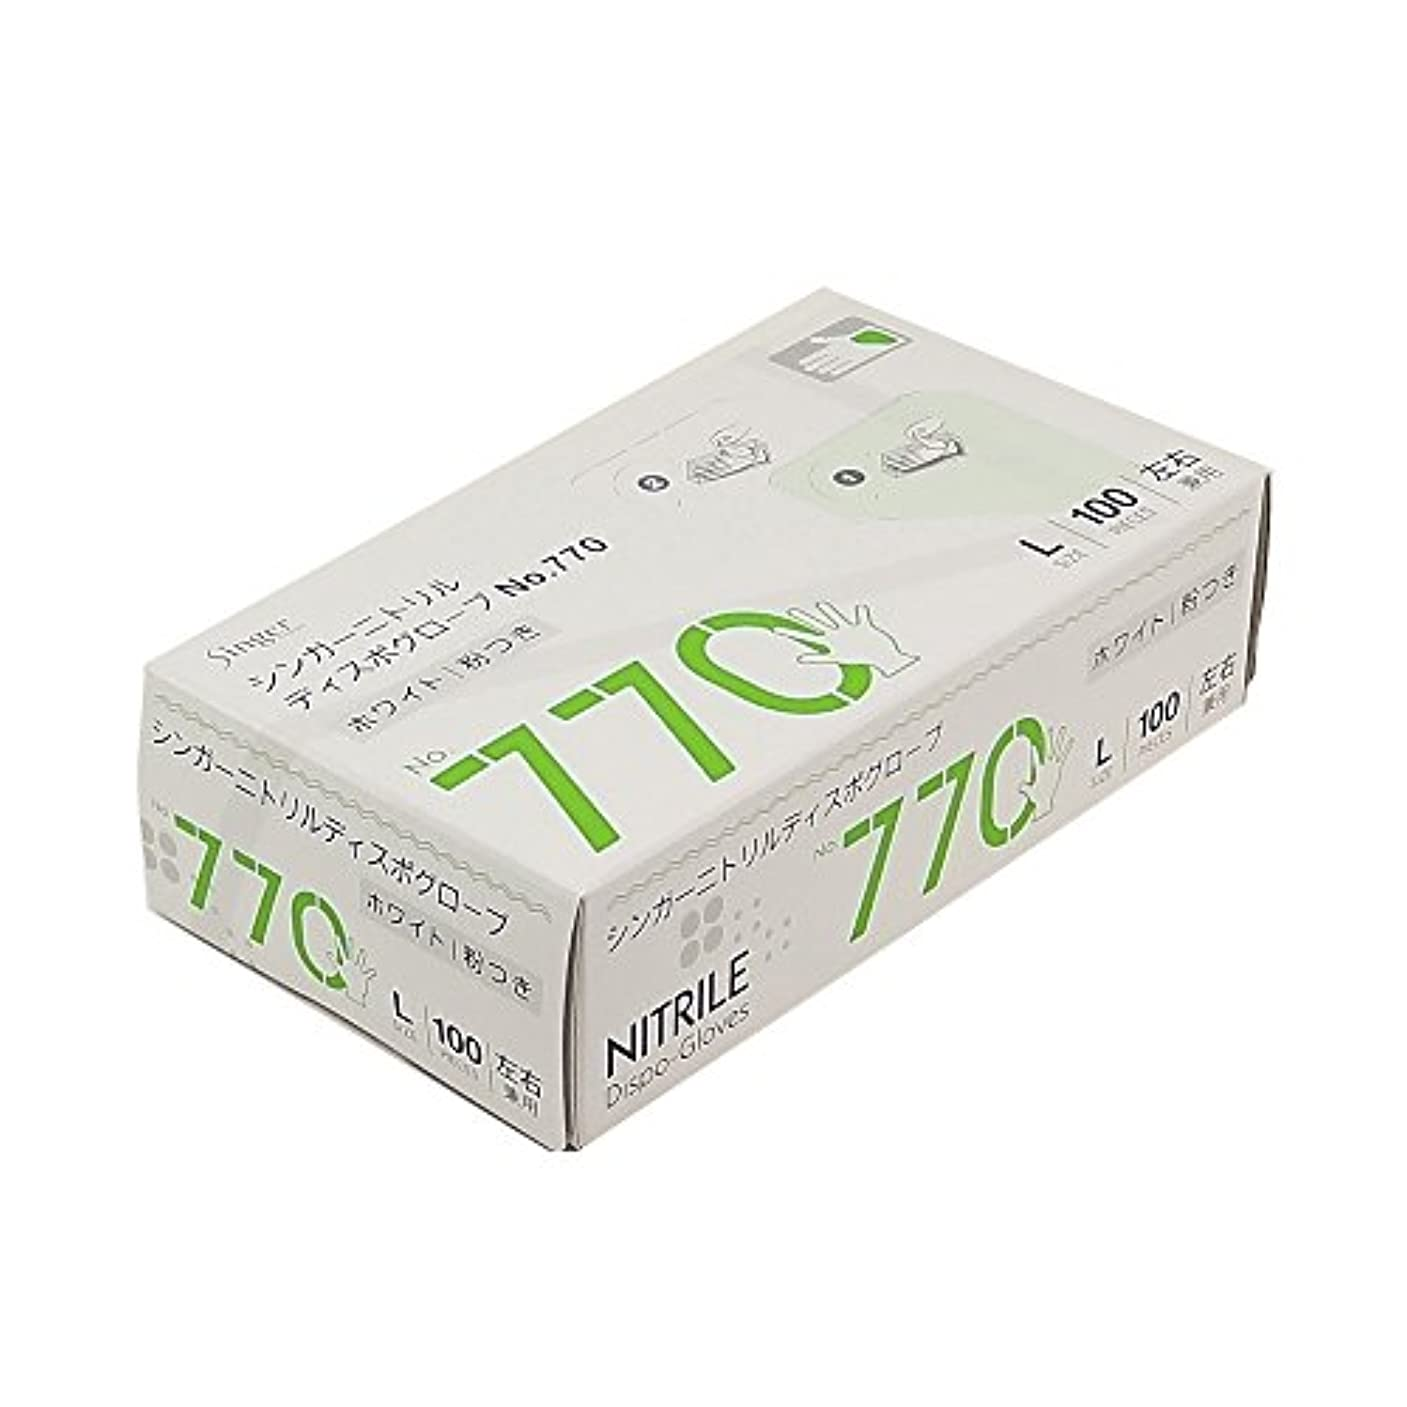 アトラス火星トレイ宇都宮製作 ディスポ手袋 シンガーニトリルディスポグローブ No.770 ホワイト 粉付 100枚入  L